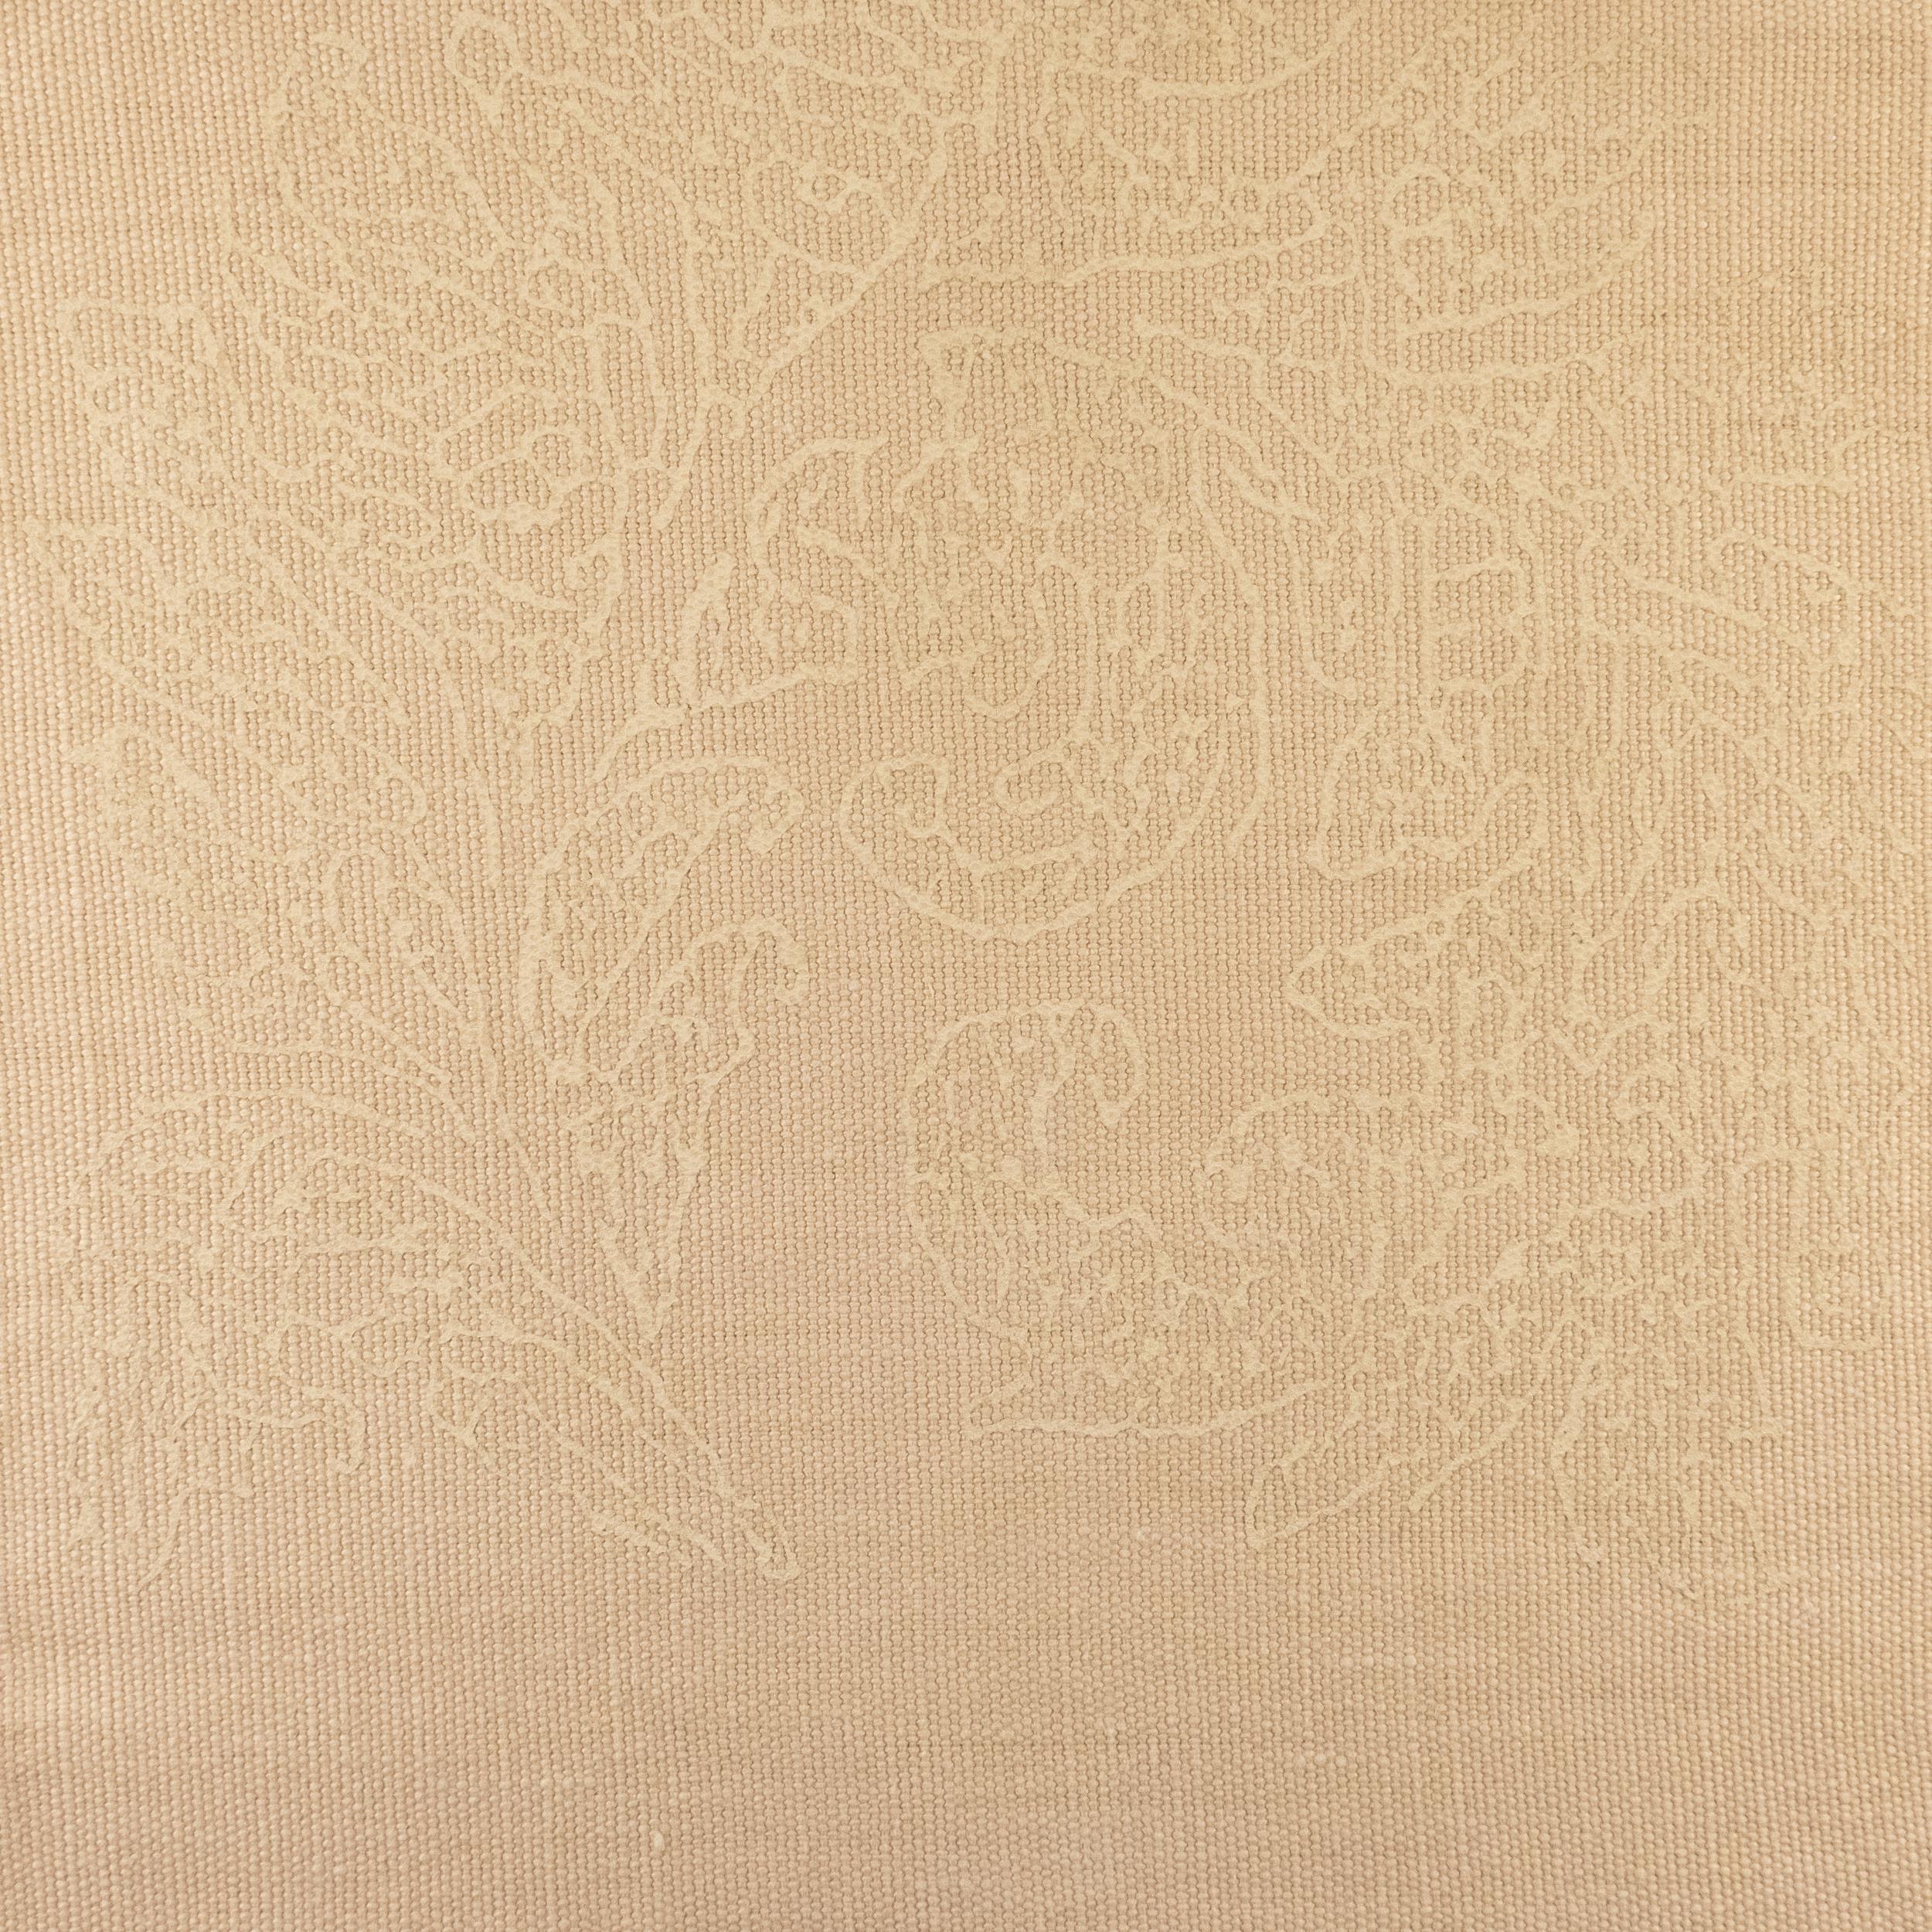 A0043.Silkscreen.Fabric.jpg